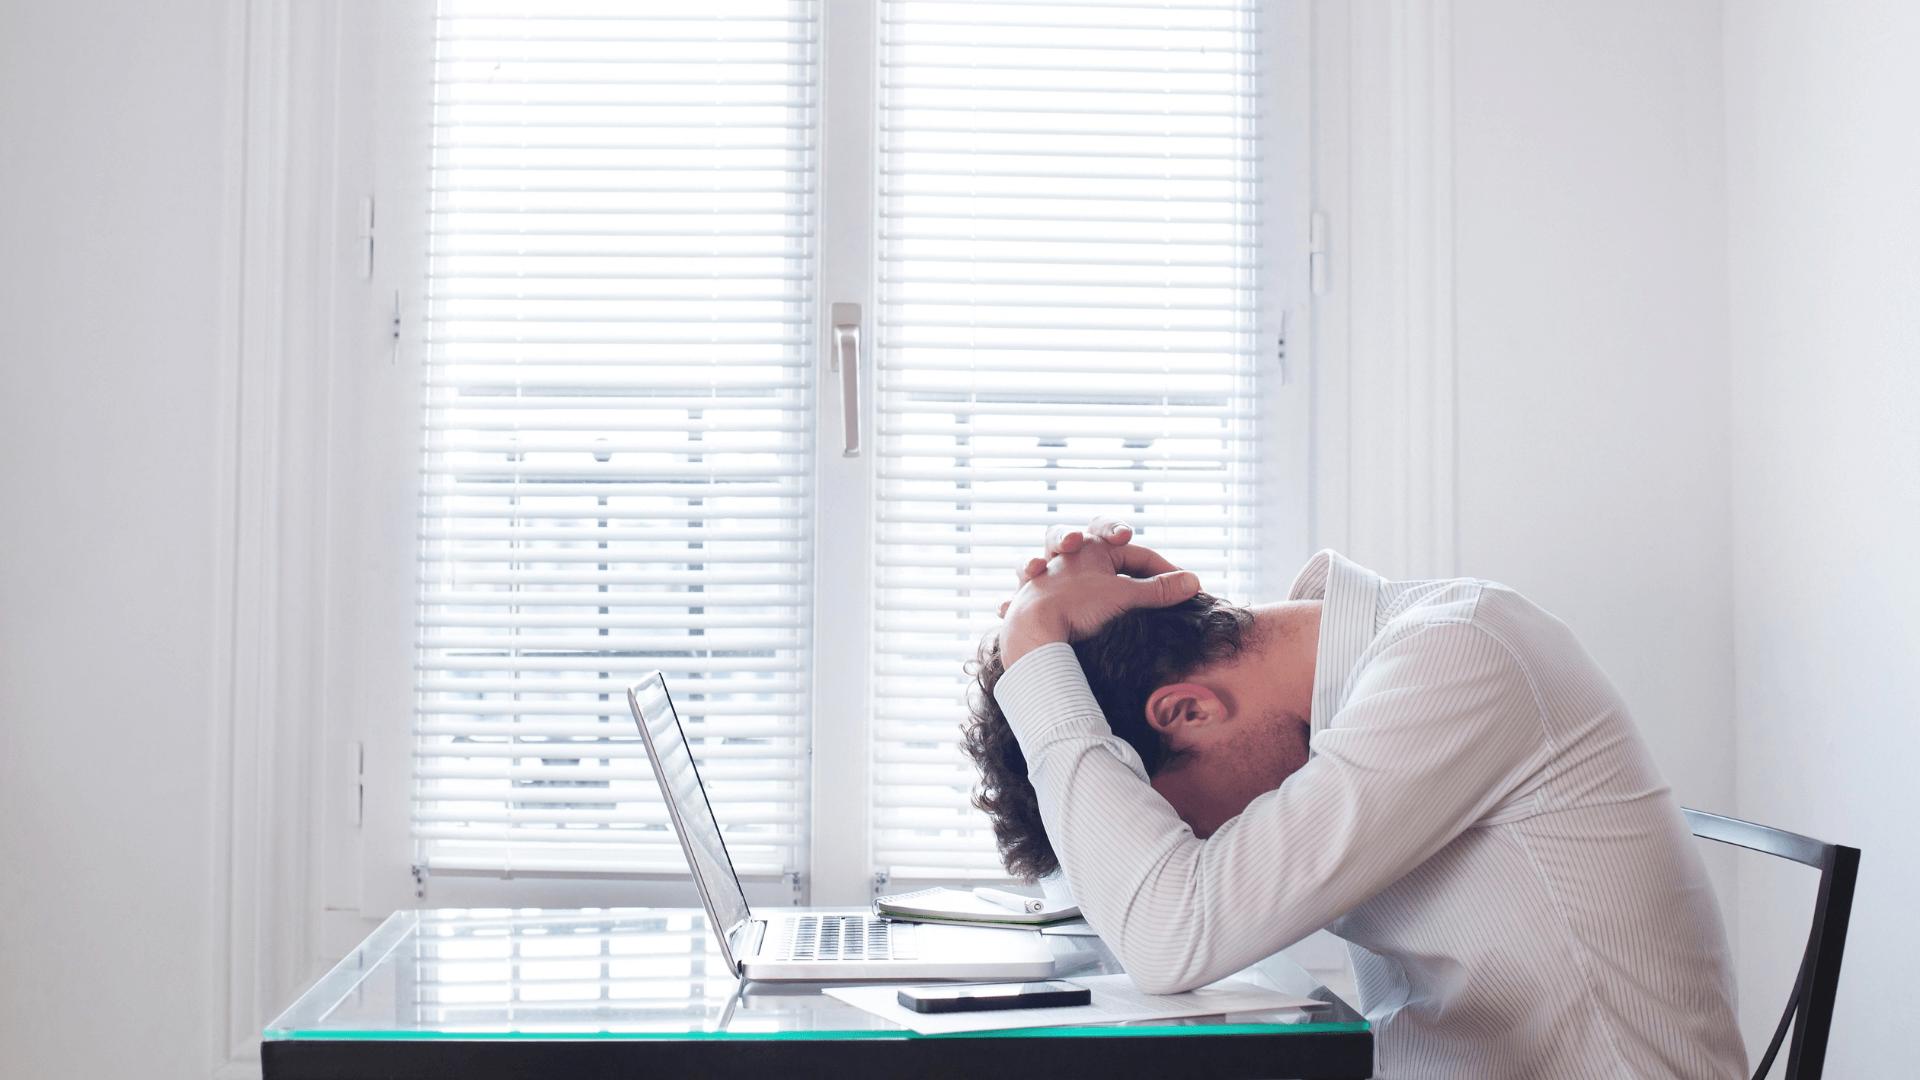 Ursachen des CMD Syndroms - Stress